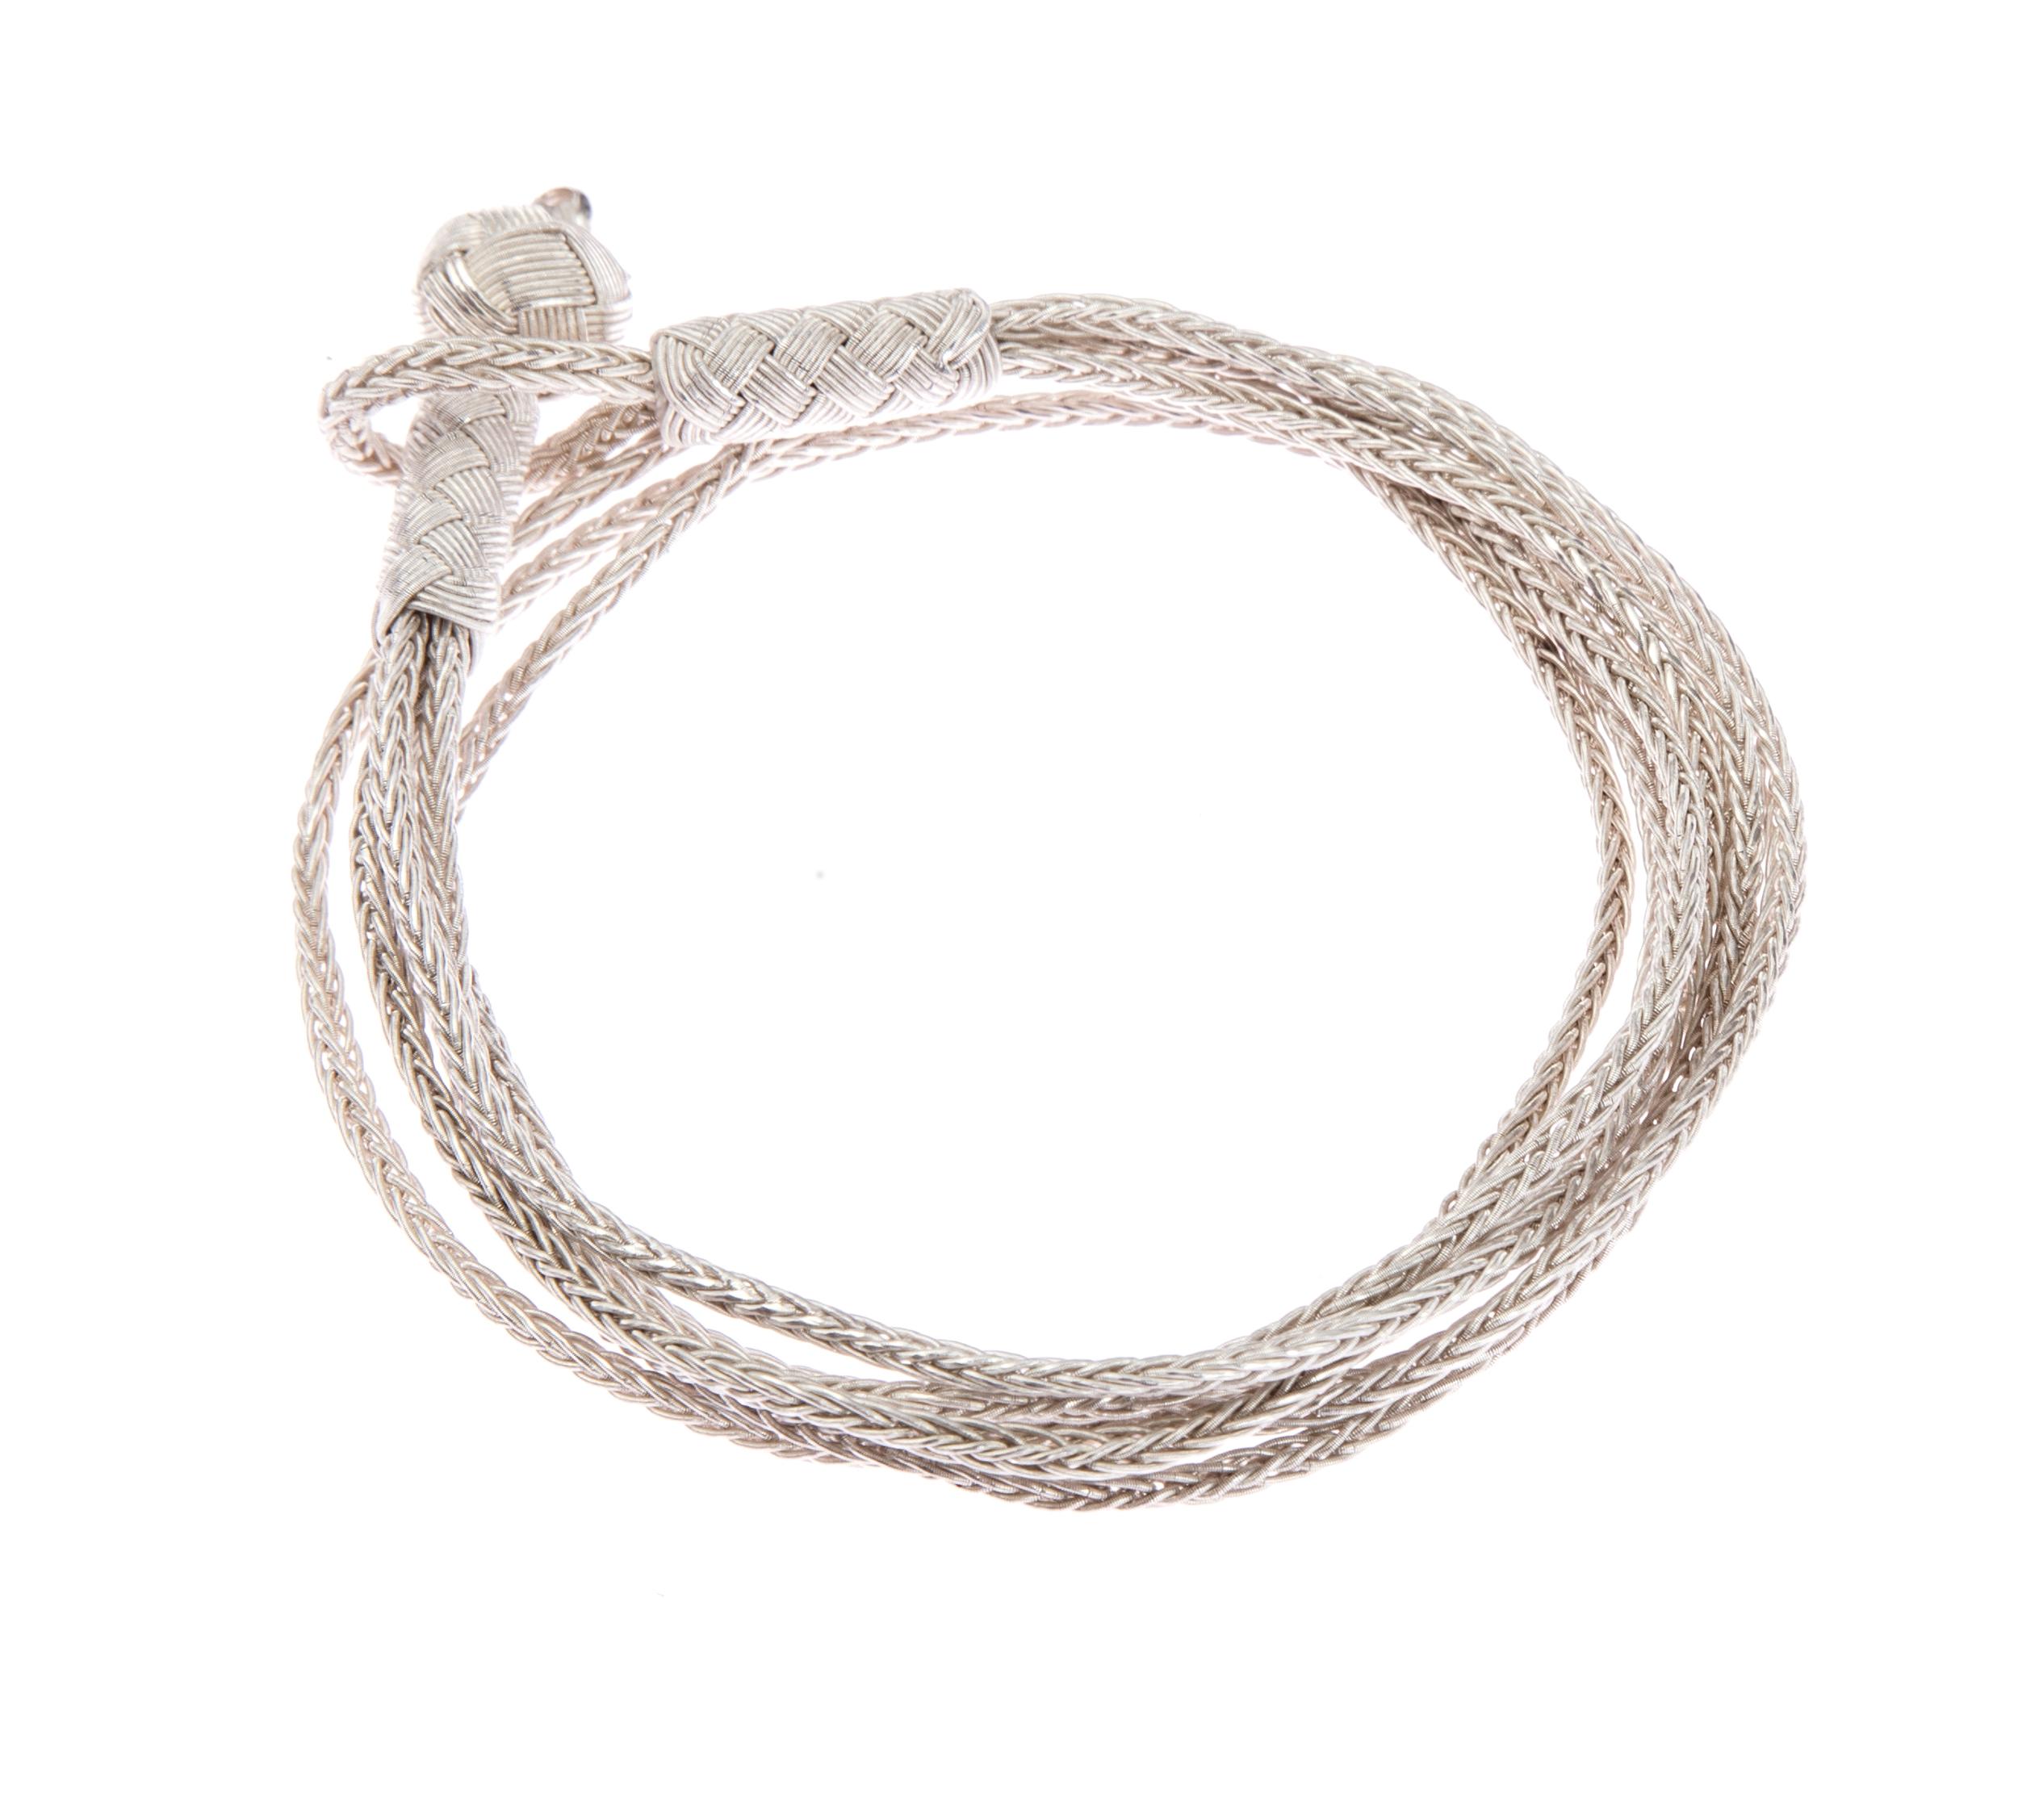 Silver Wrap Bracelet by Seyahan, $100